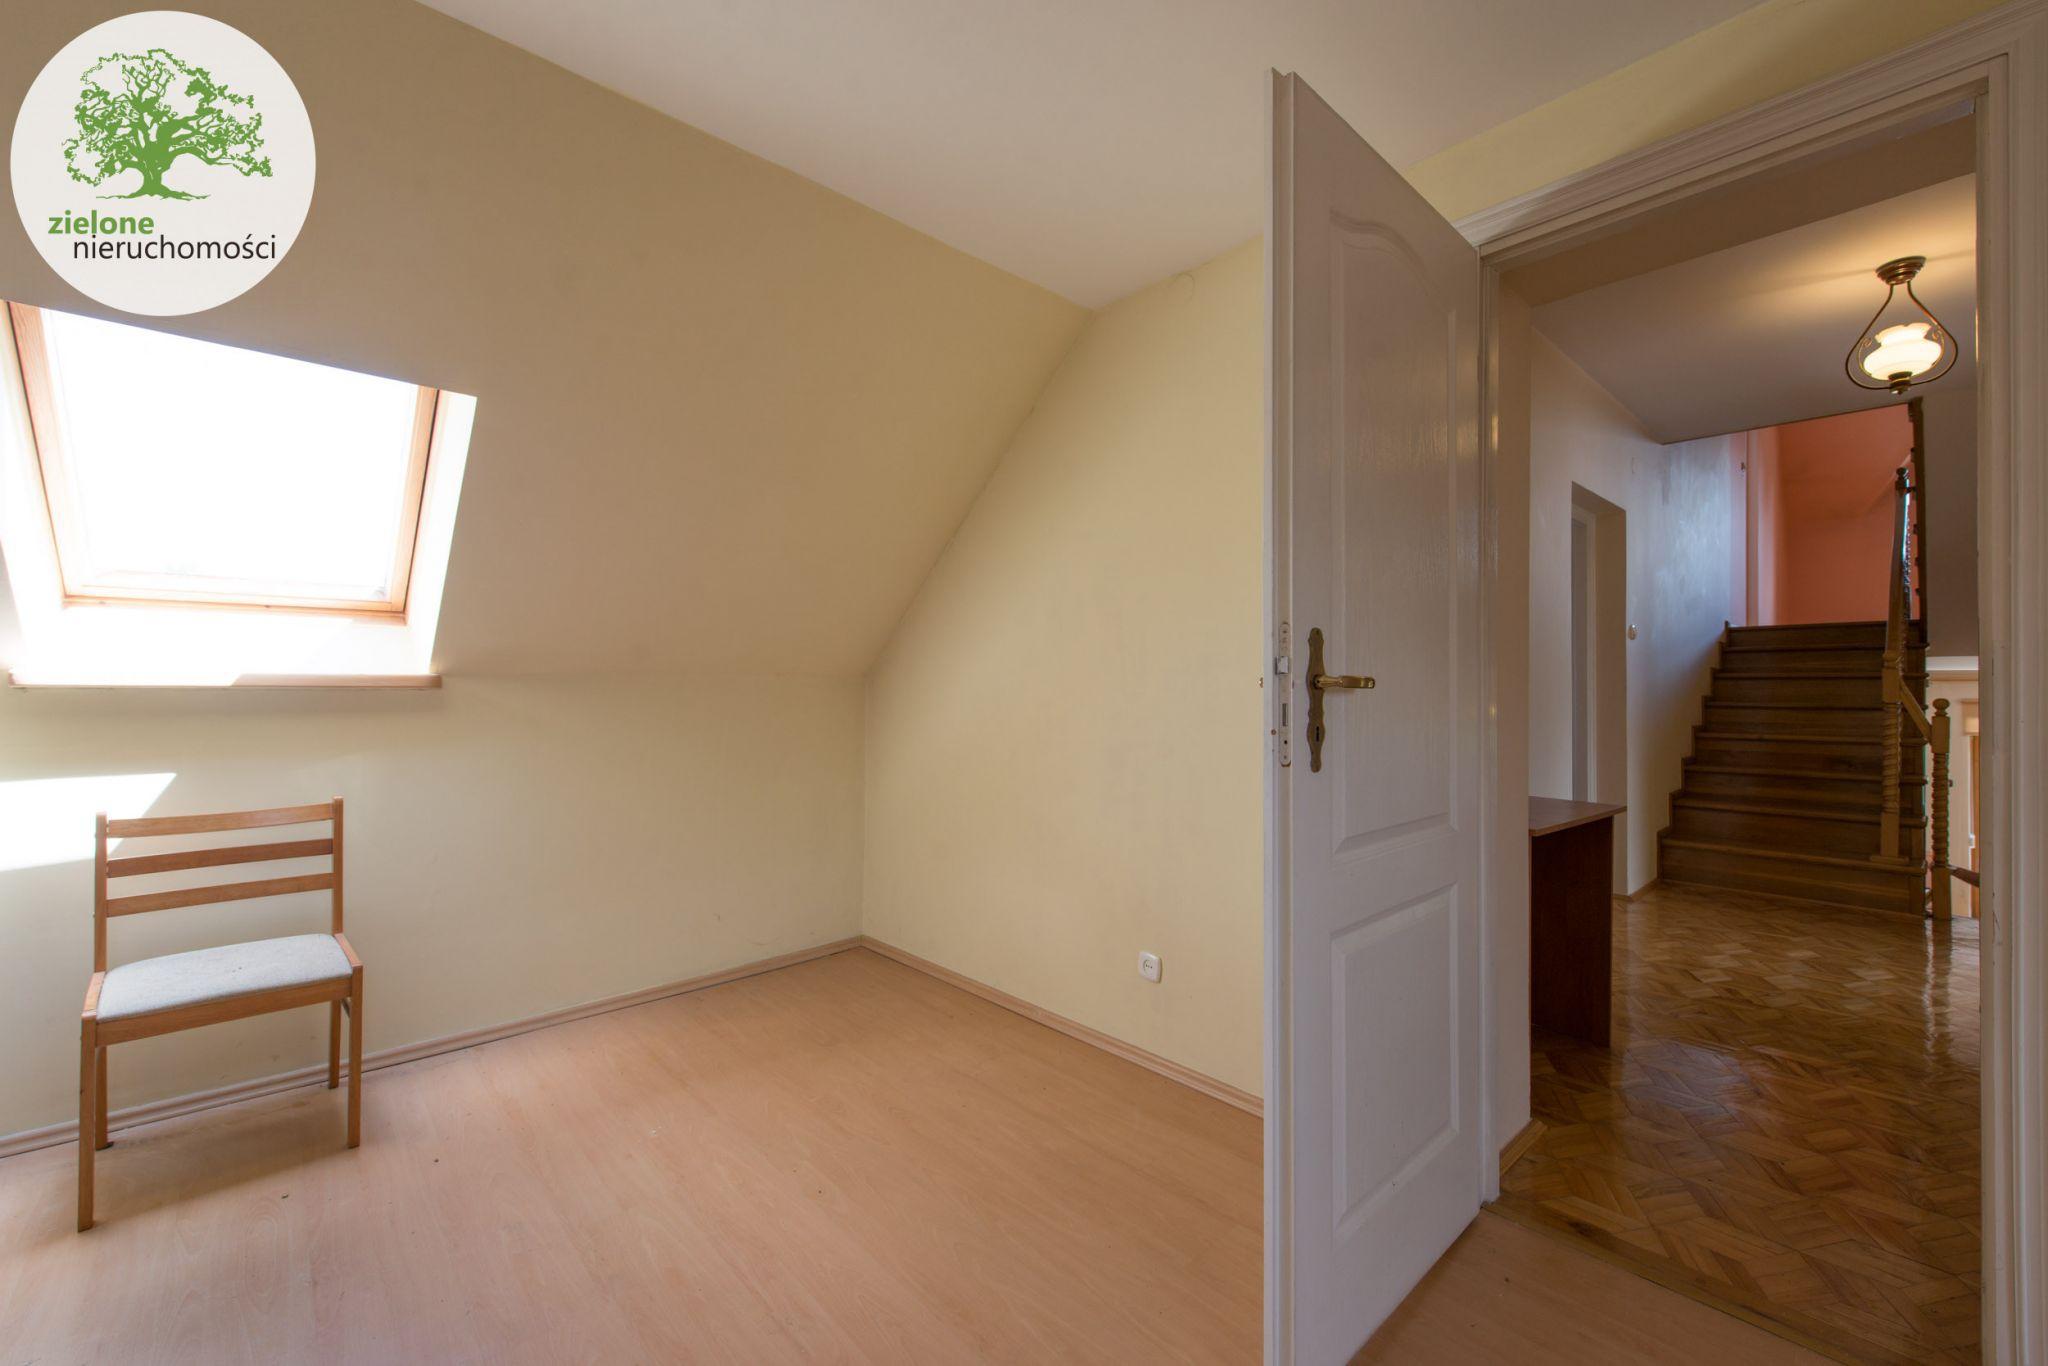 Zdjęcie 1112 pokoi, dom dla dużej rodziny lub na firmę